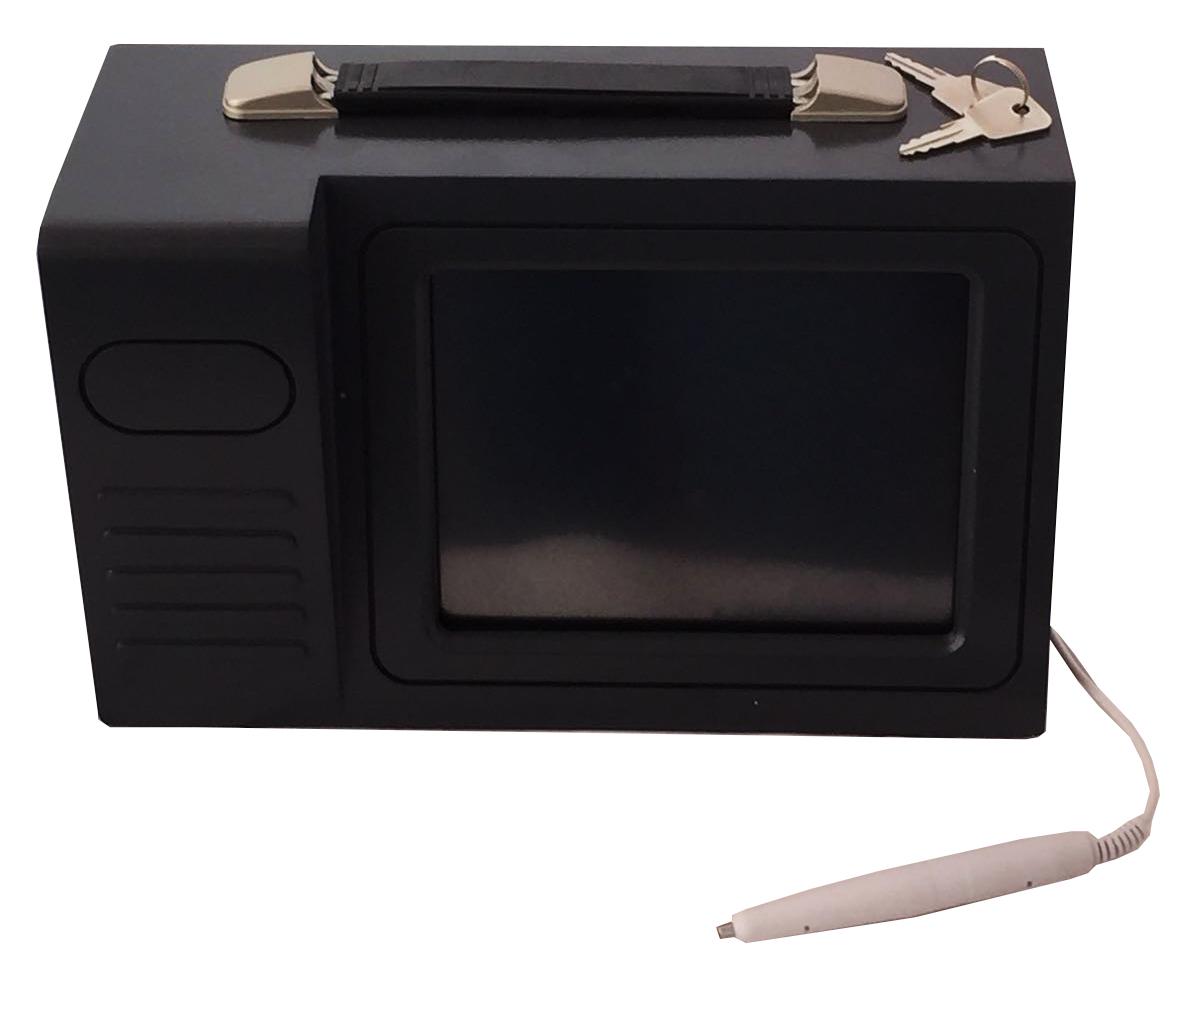 plasmabox